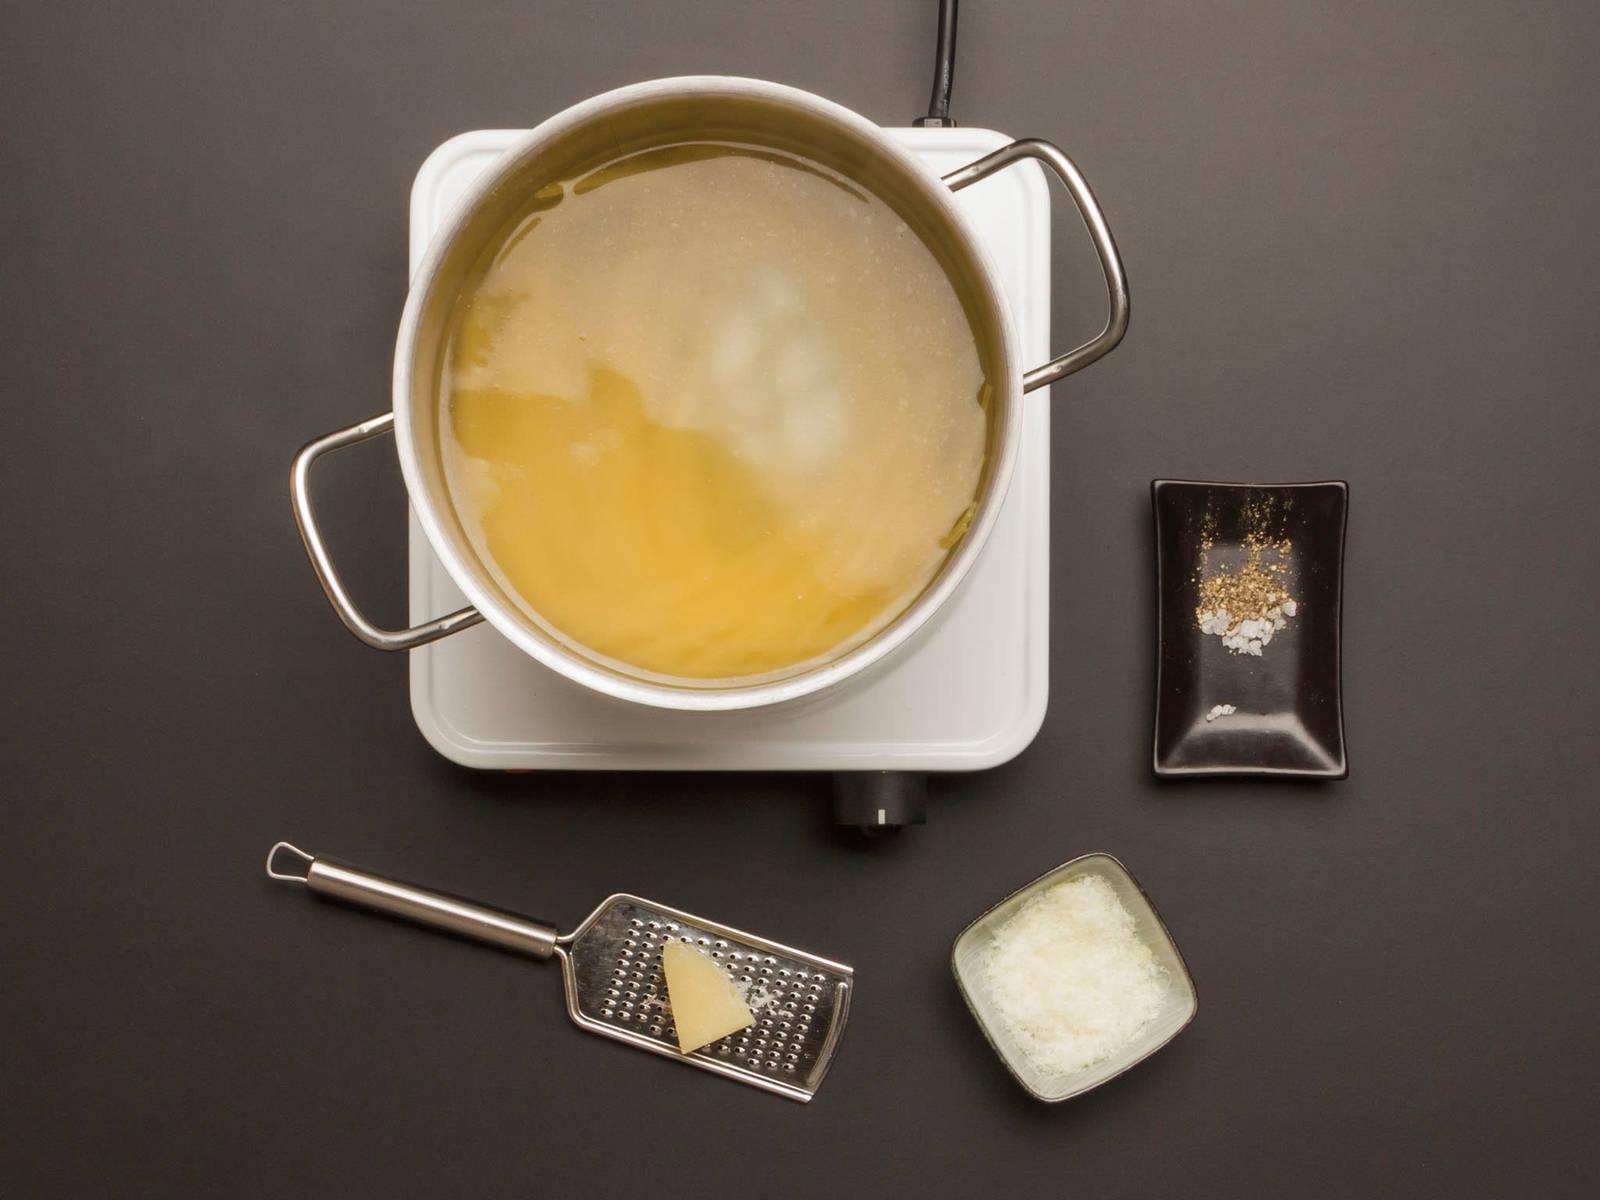 在平底锅里煮意大利面大约8至10分钟,具体时间请参照包装上的说明。擦碎佩科里诺奶酪。